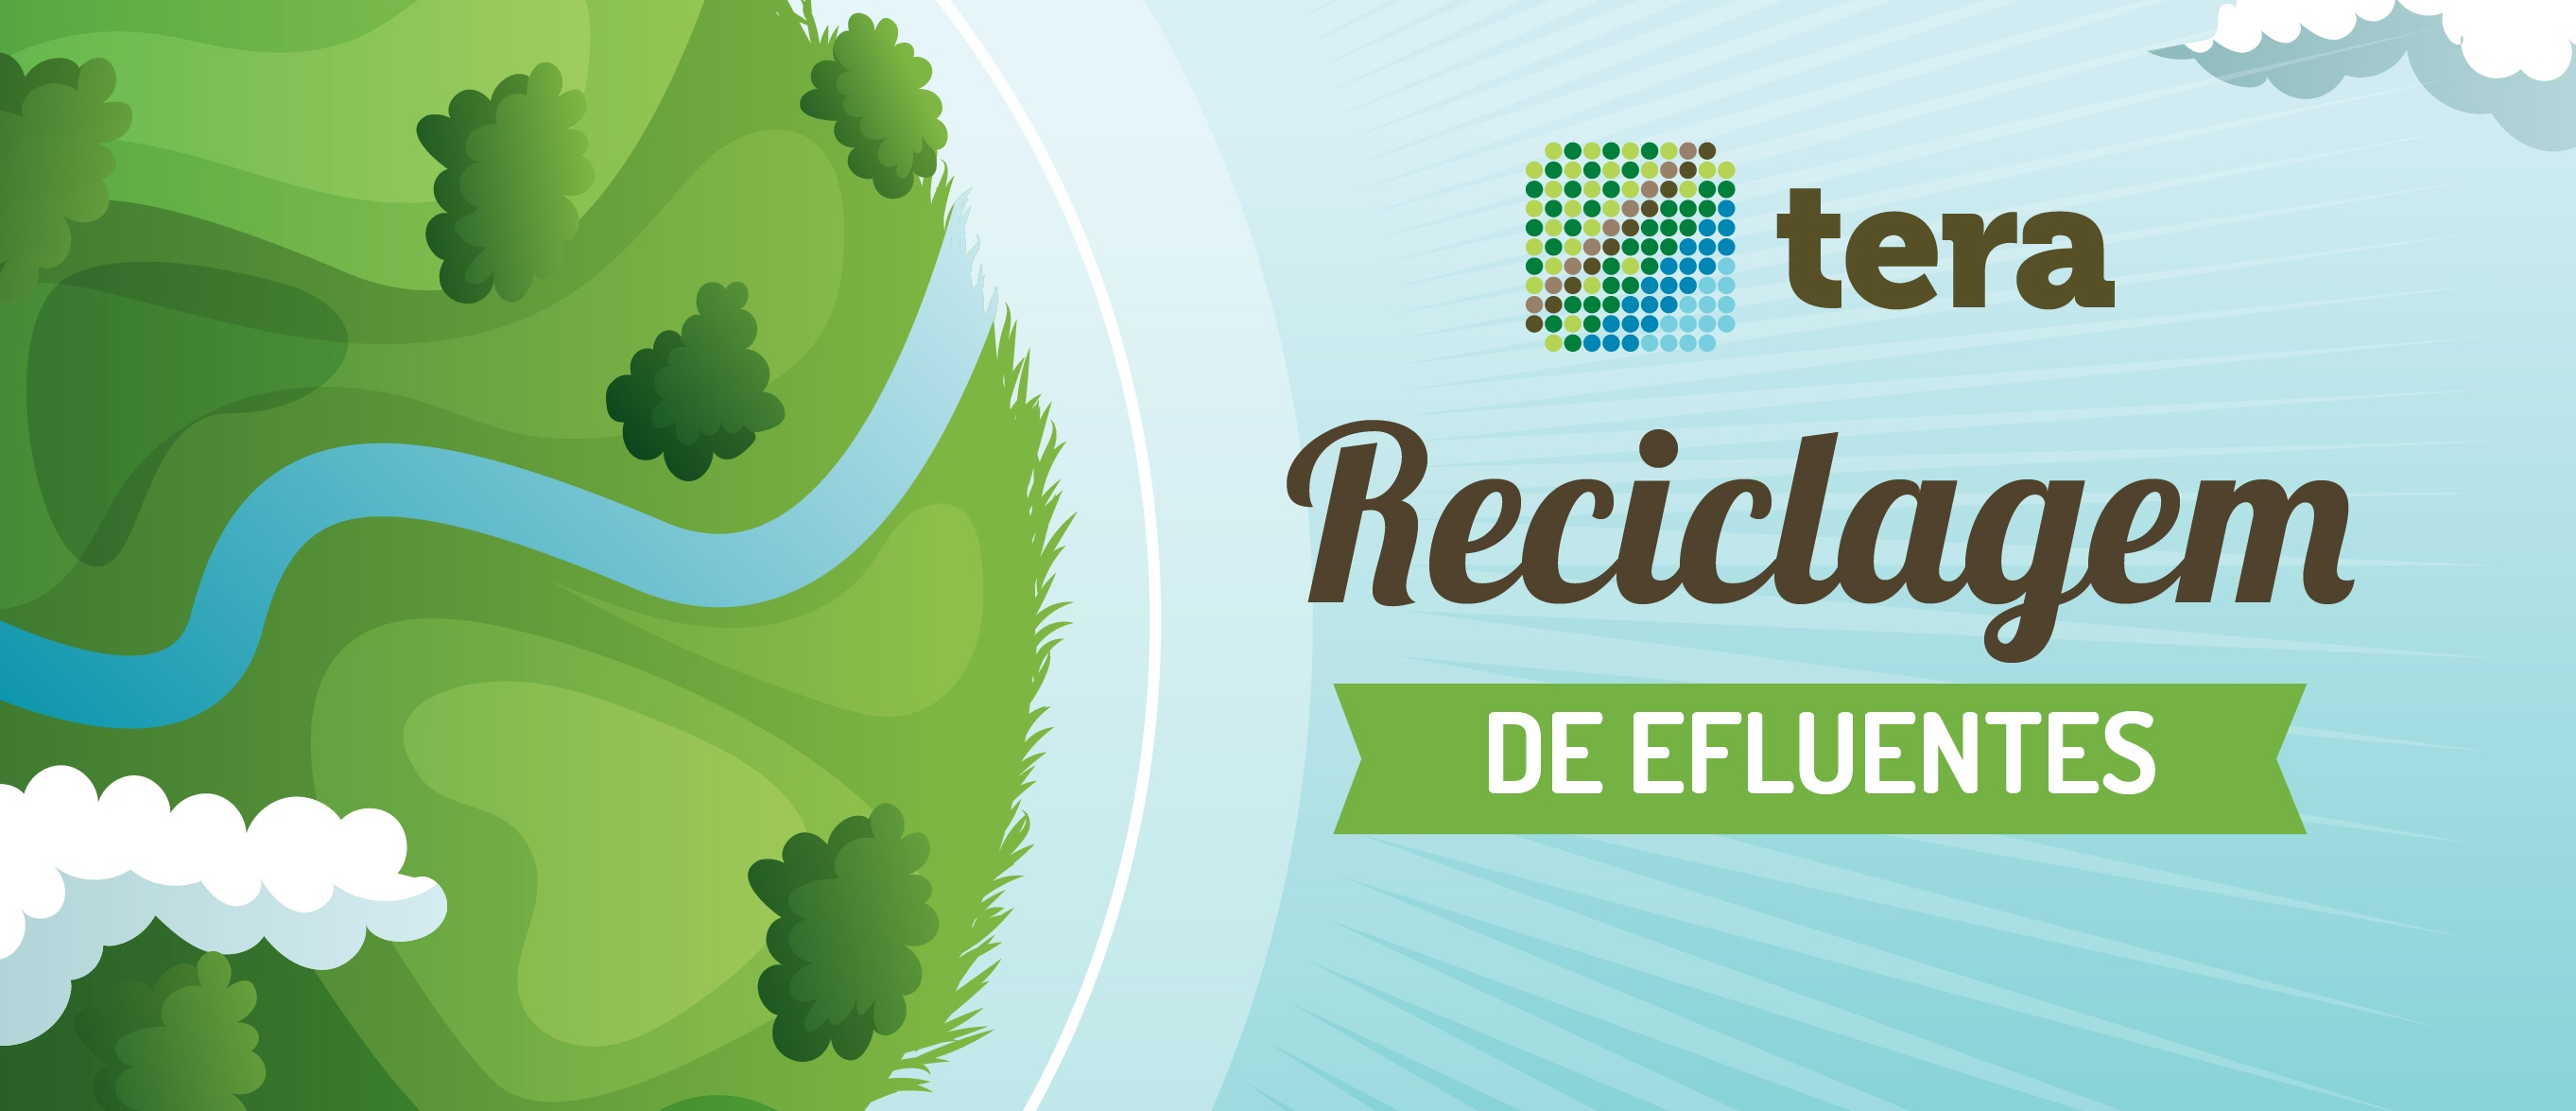 Reciclagem de Efluentes